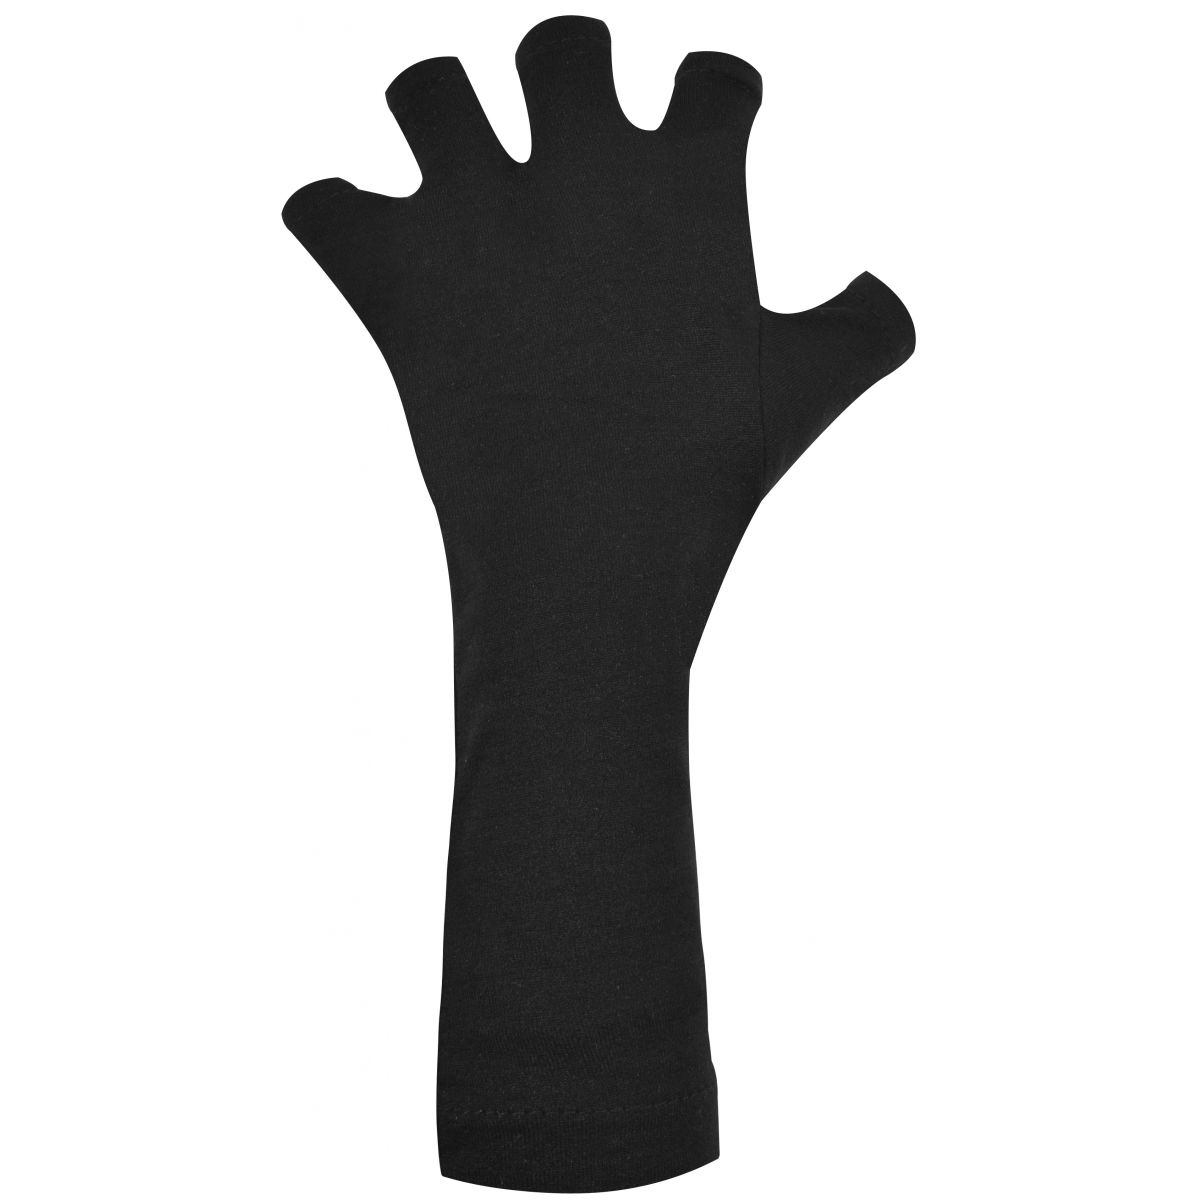 Luva Preta Protetora Das Mãos Para Cabine UV - Santa Clara